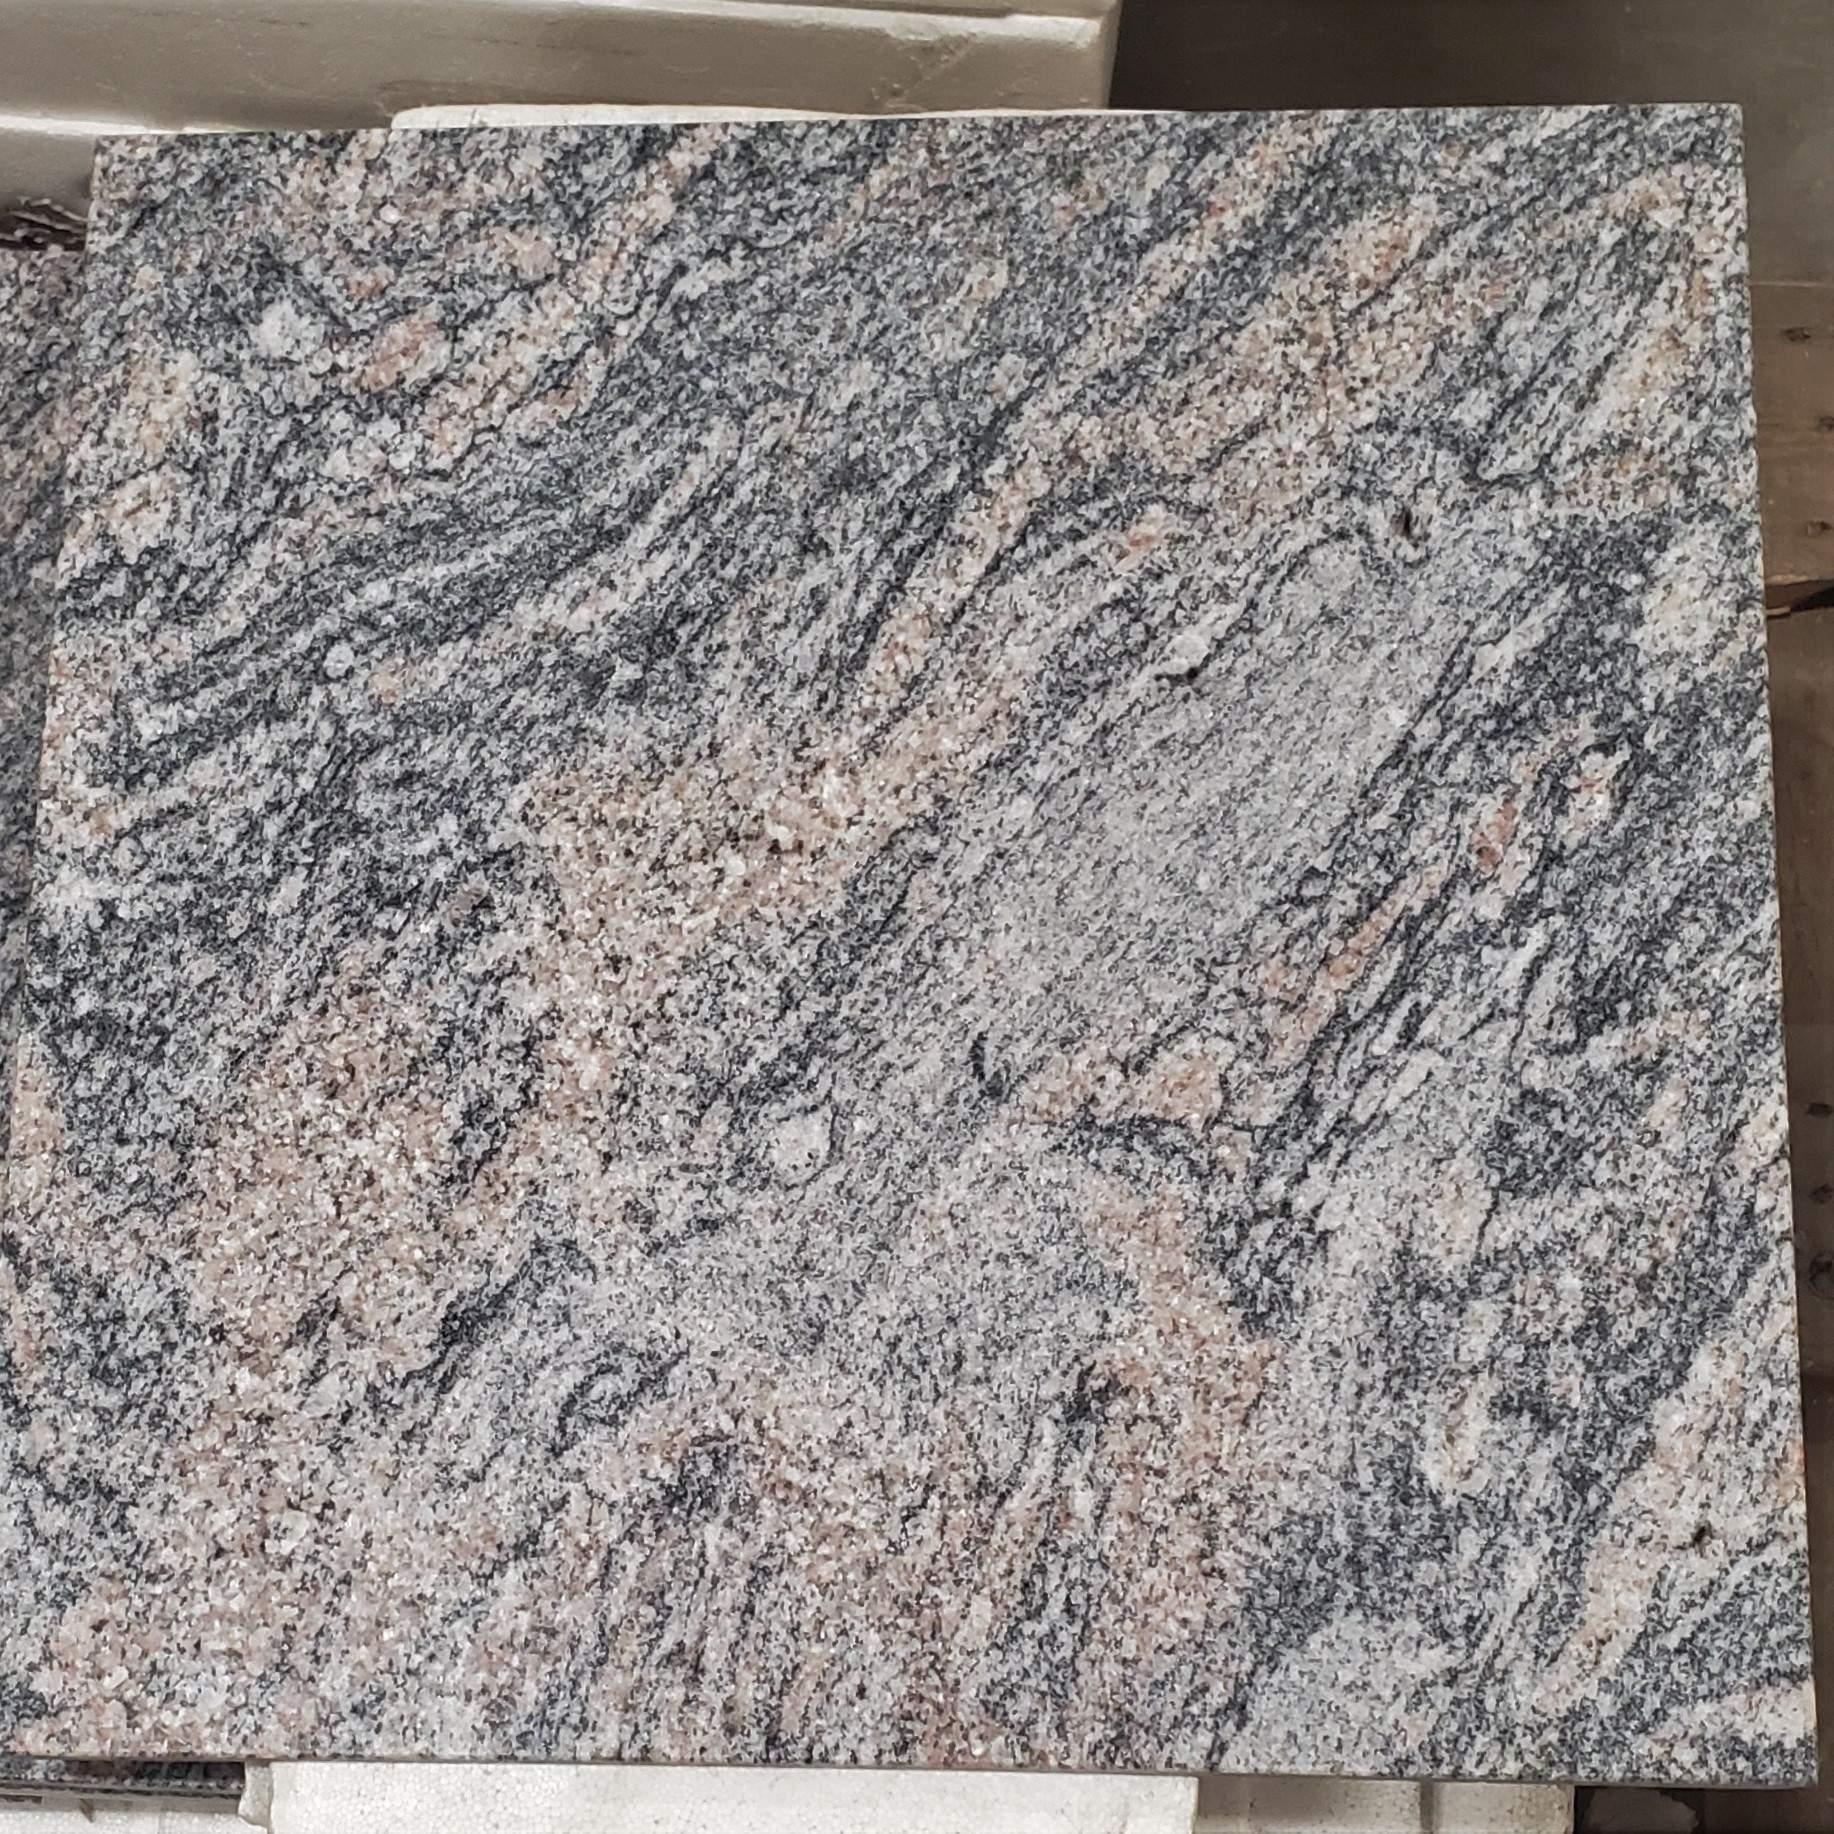 Kinawa Granite: Marble, Granite, Tiles